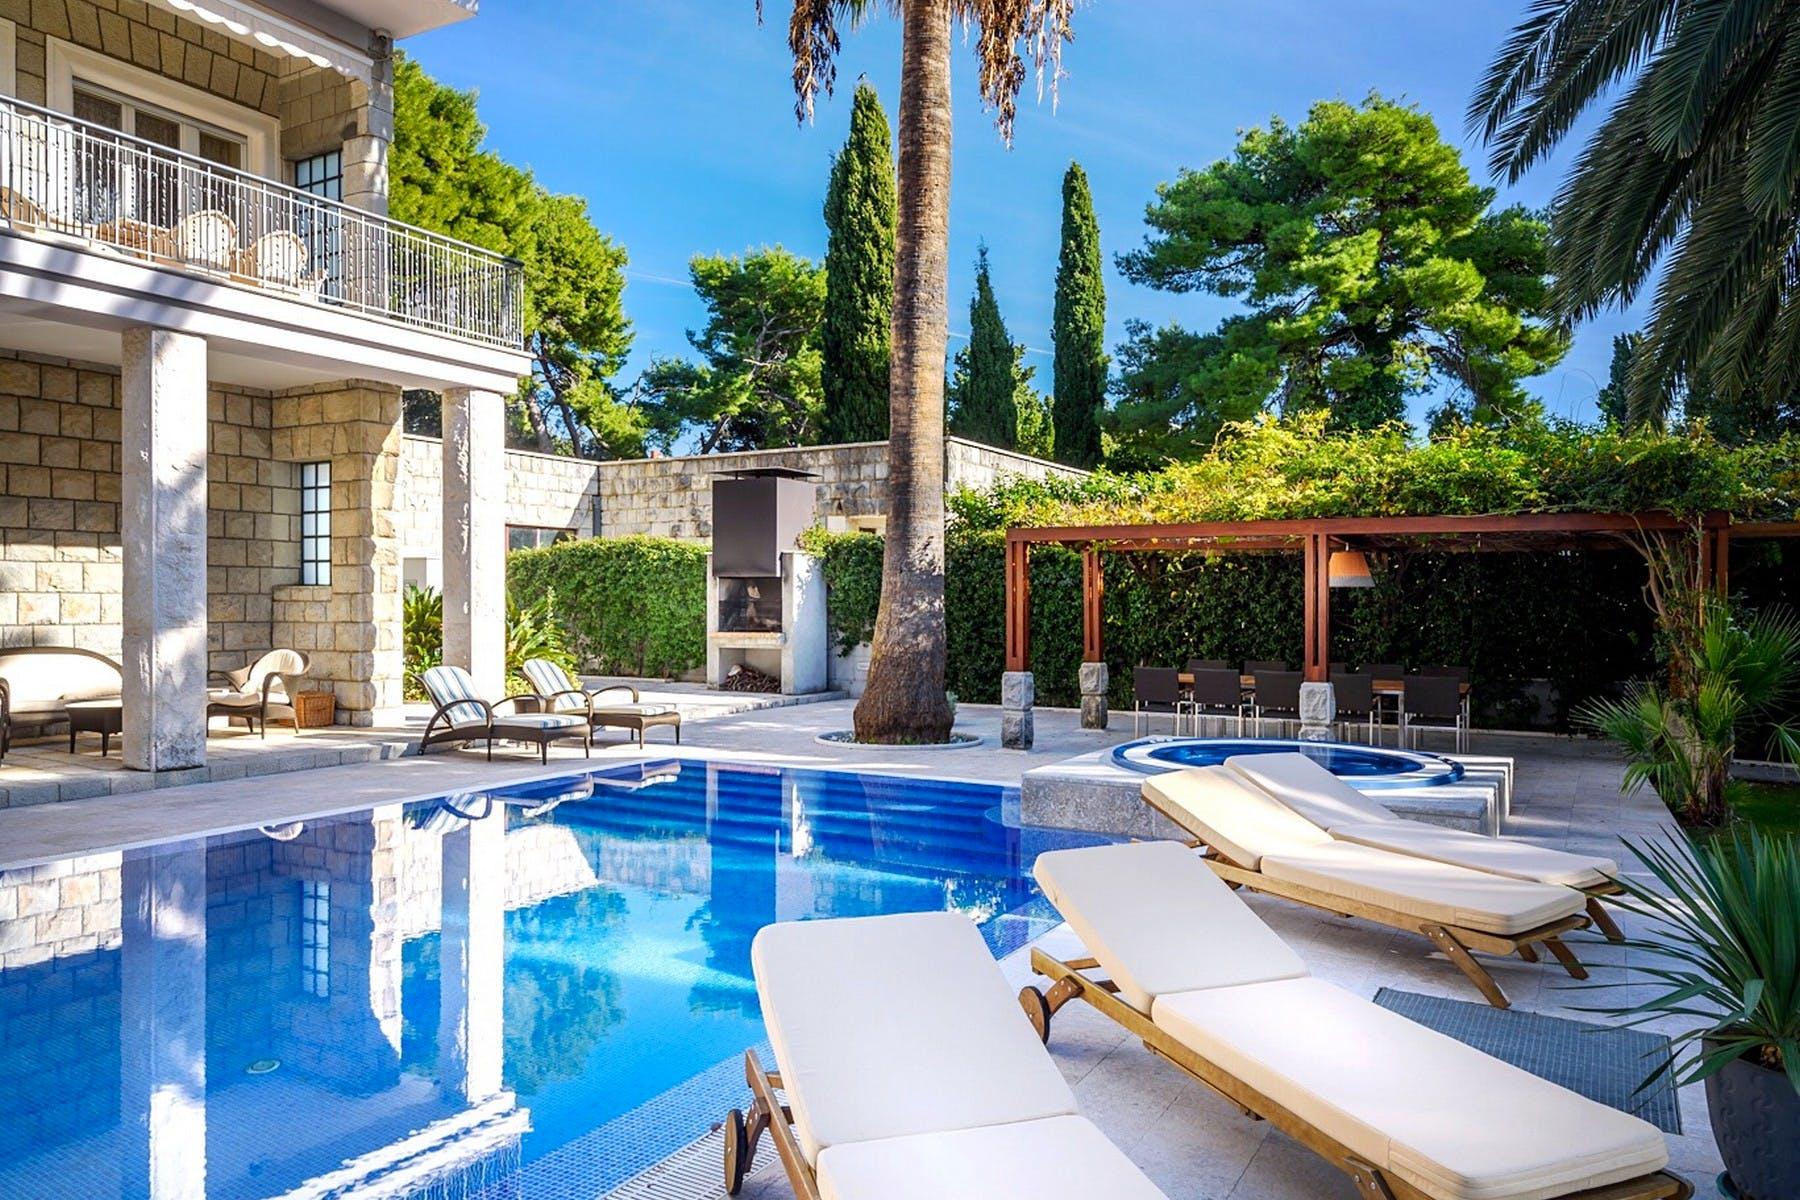 Vila za najam s bazenom i velikim vrtom